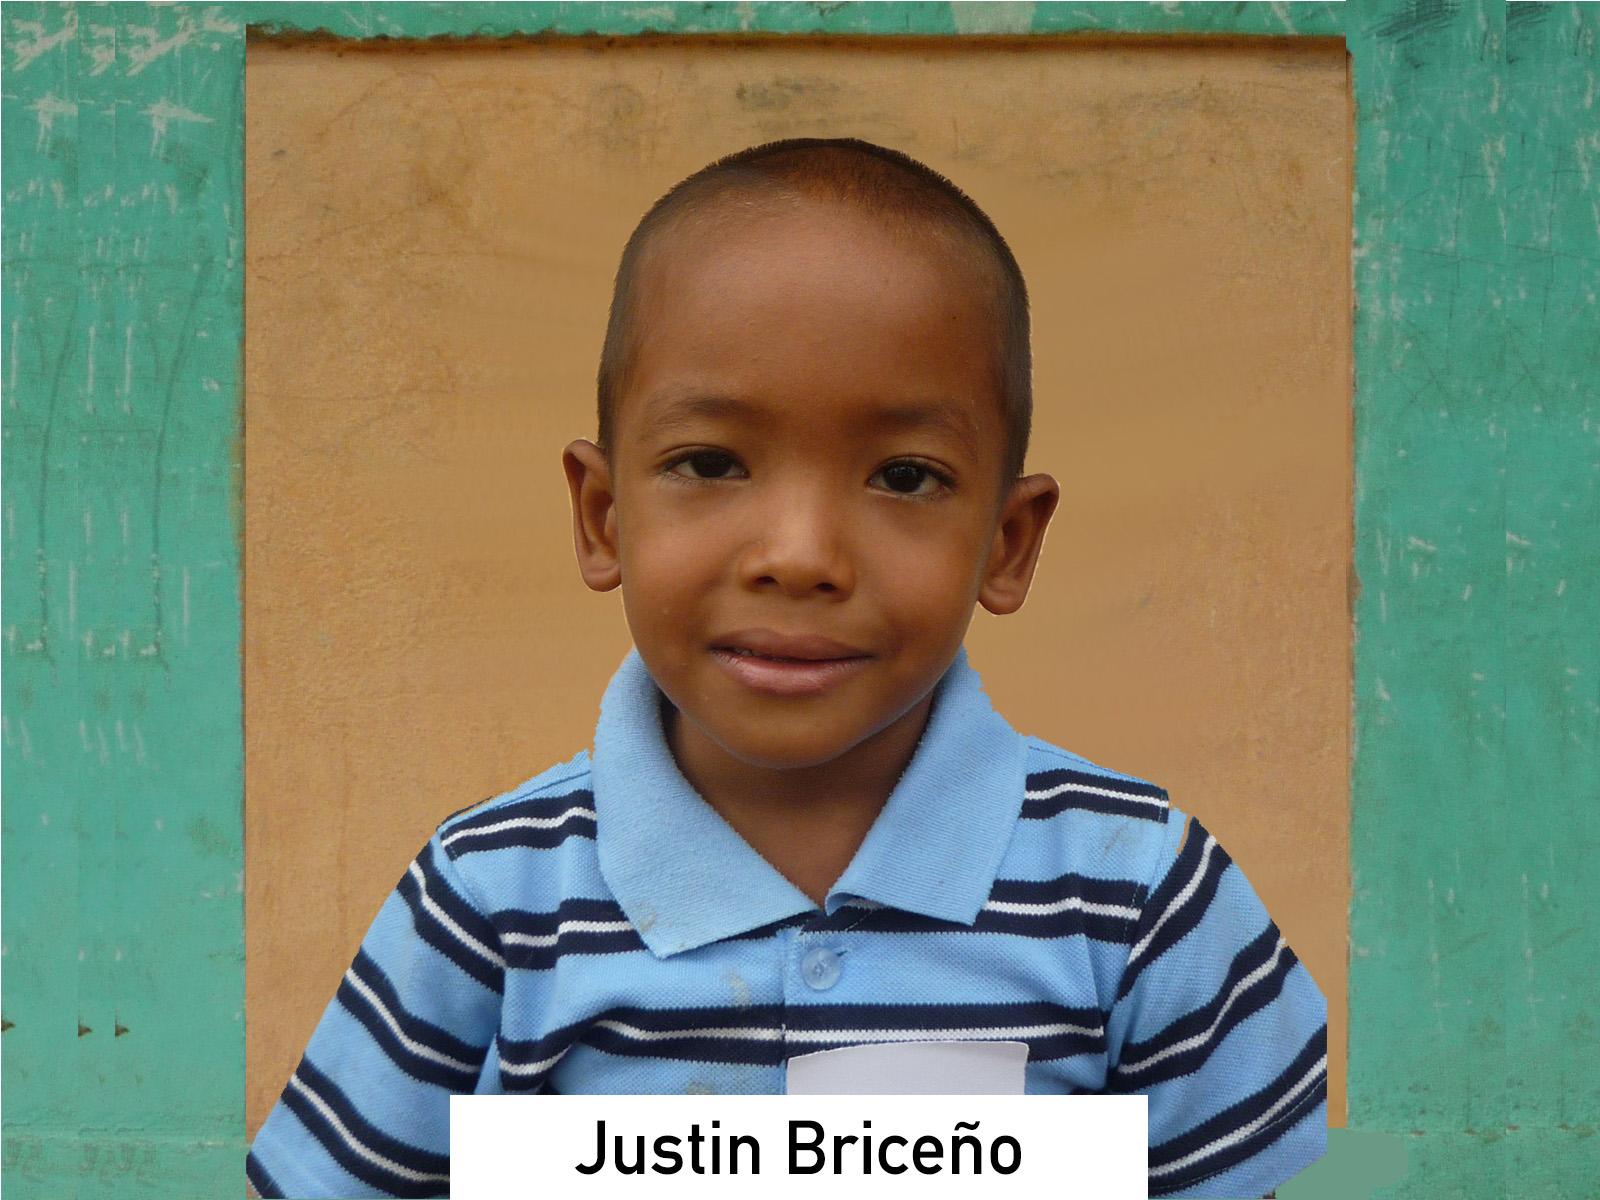 022 - Justin Briceño.jpg